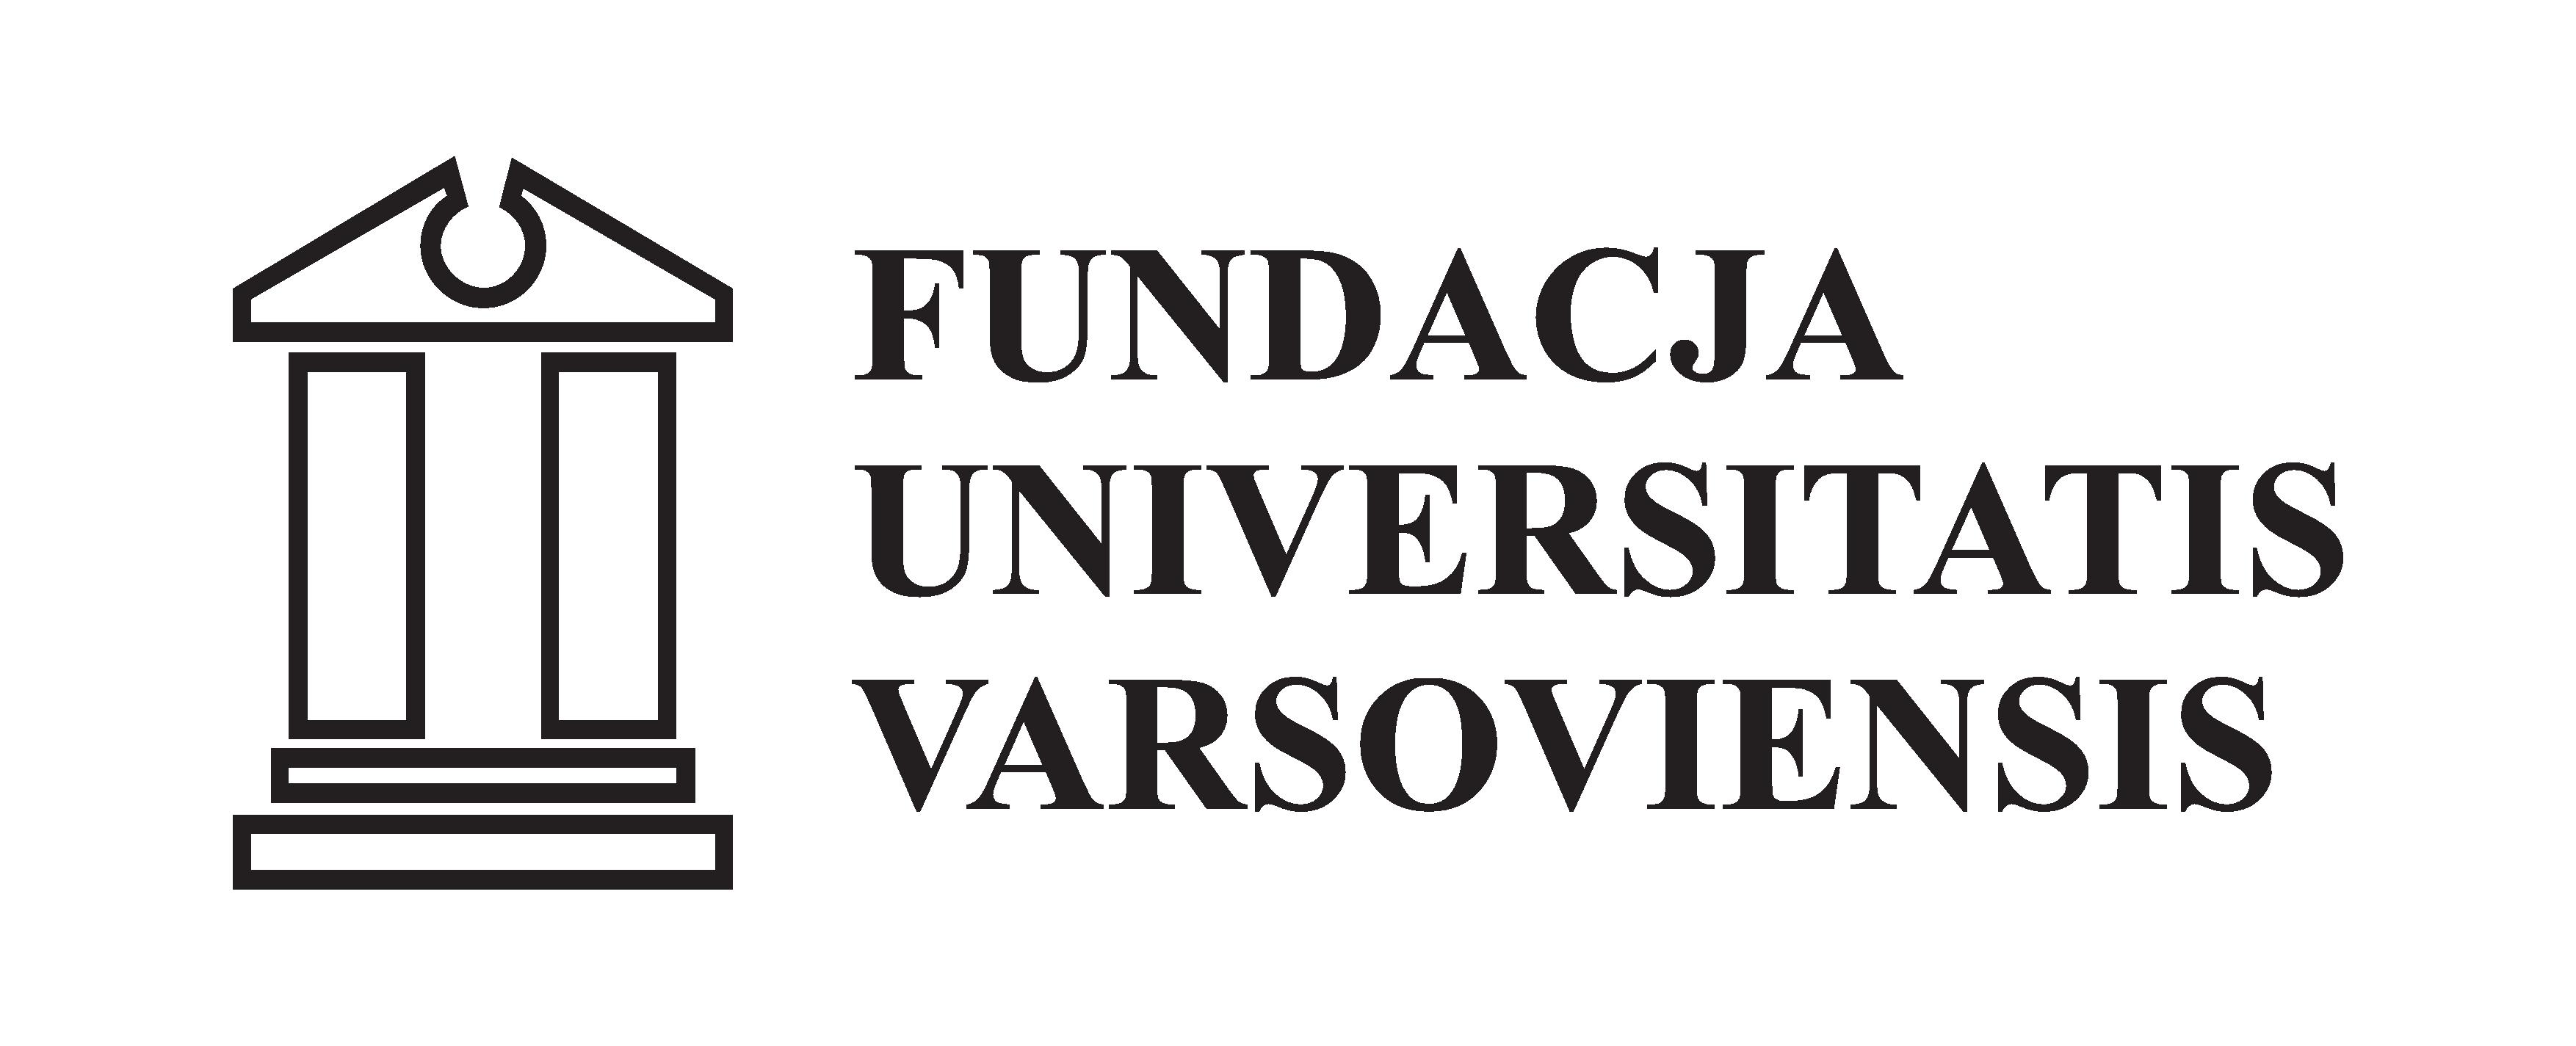 Fundacja Universitatis Varsoviensis